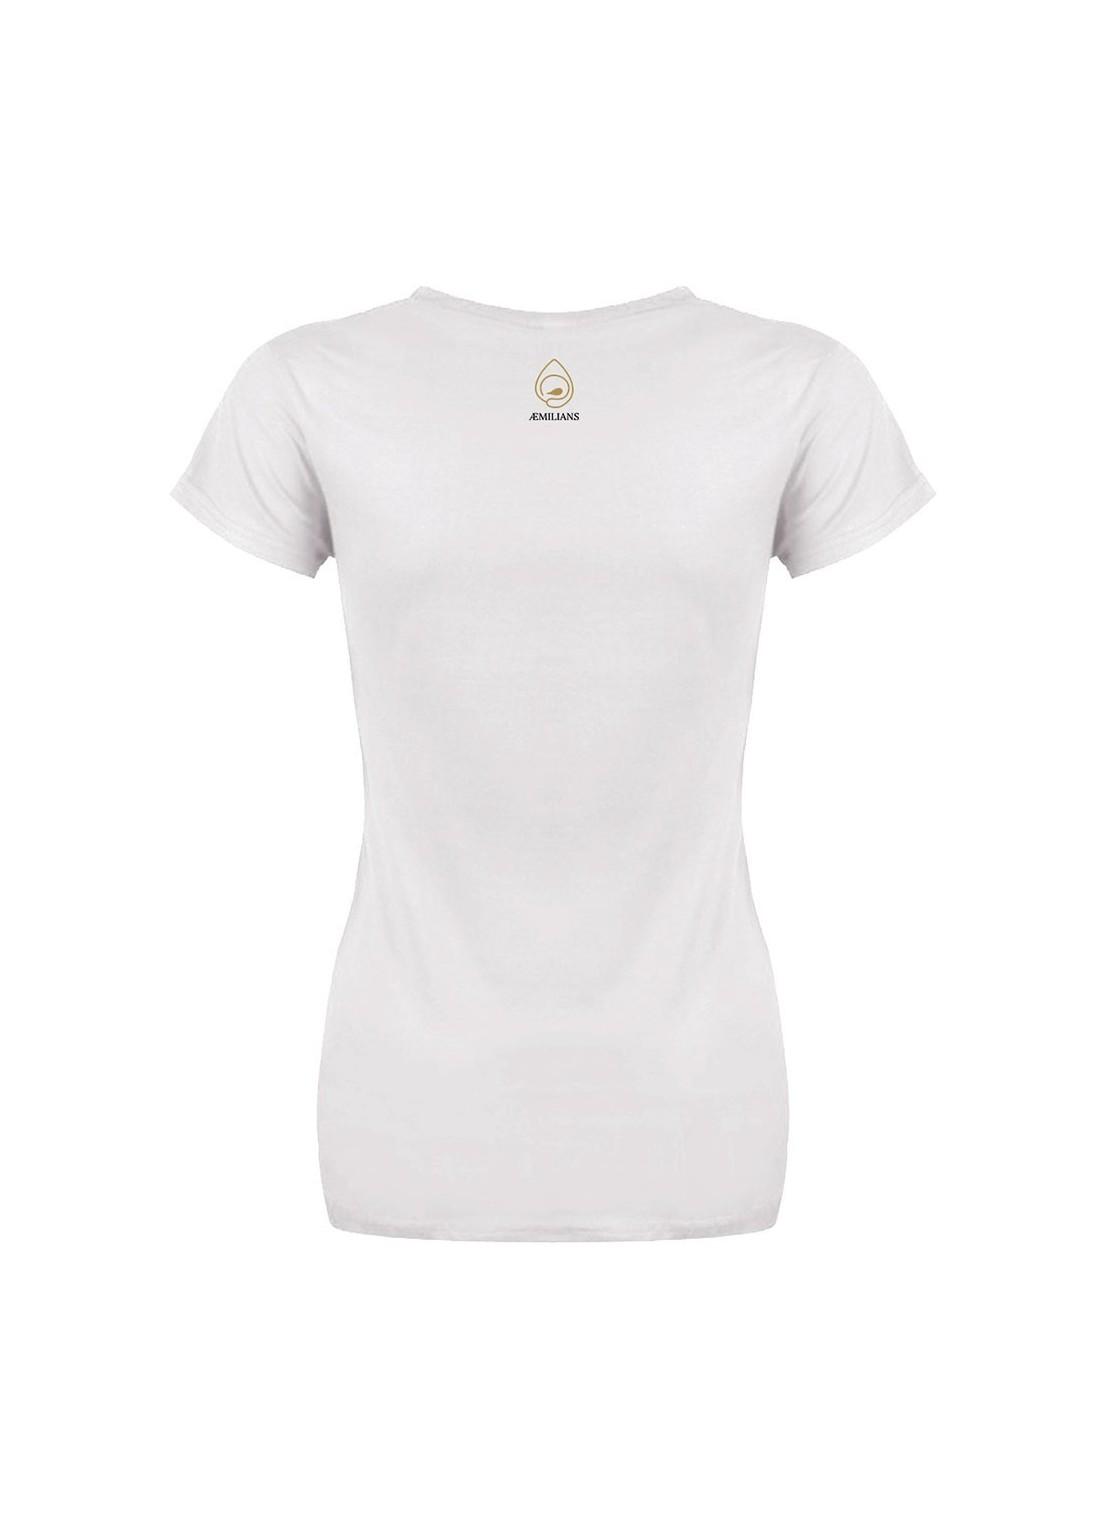 T-shirt Nederl' TT unisex bianca